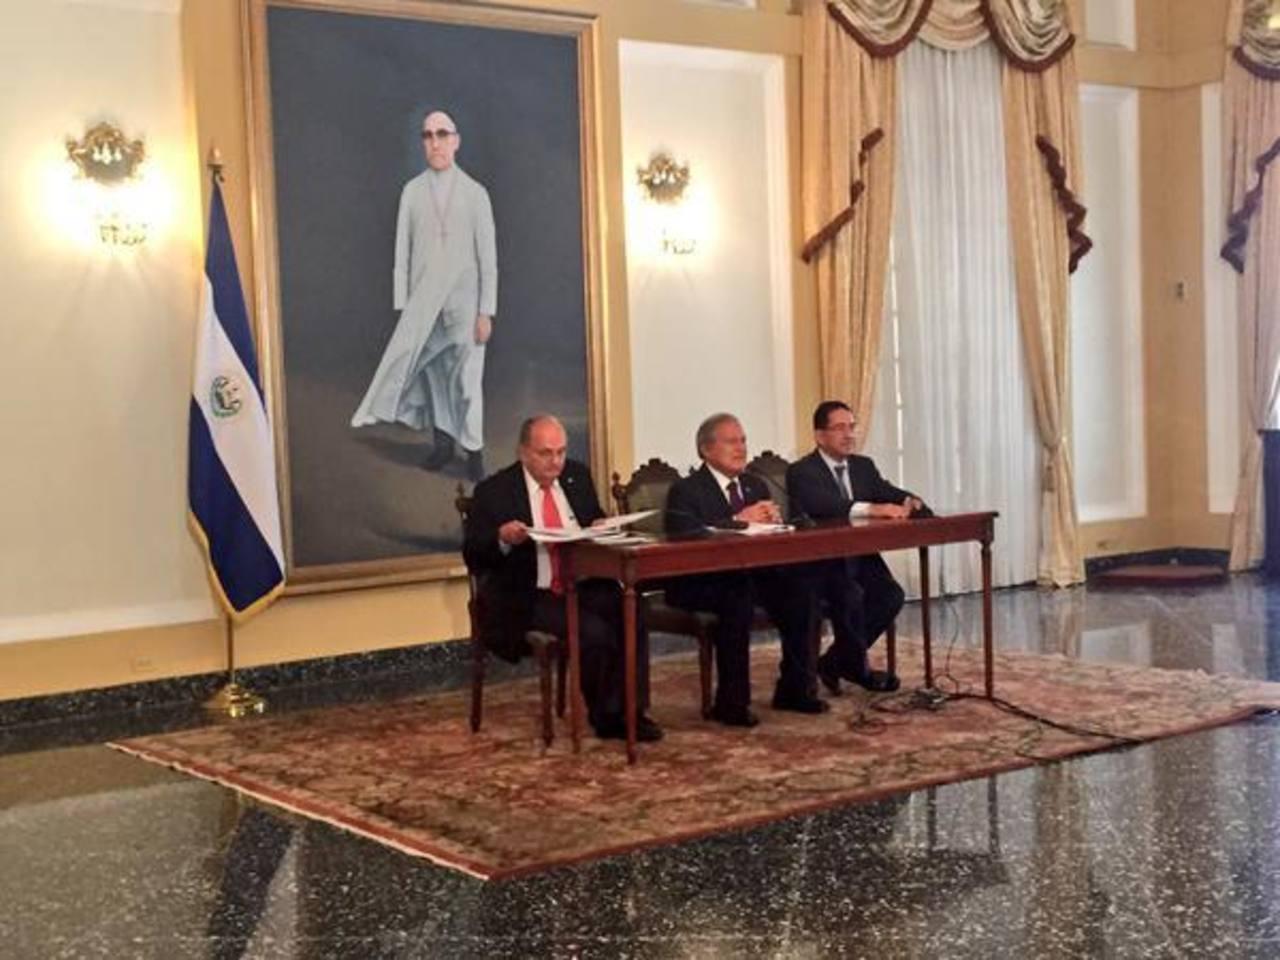 Eugenio Chicas sustituye a Hato Hasbún en cargo de Presidencia